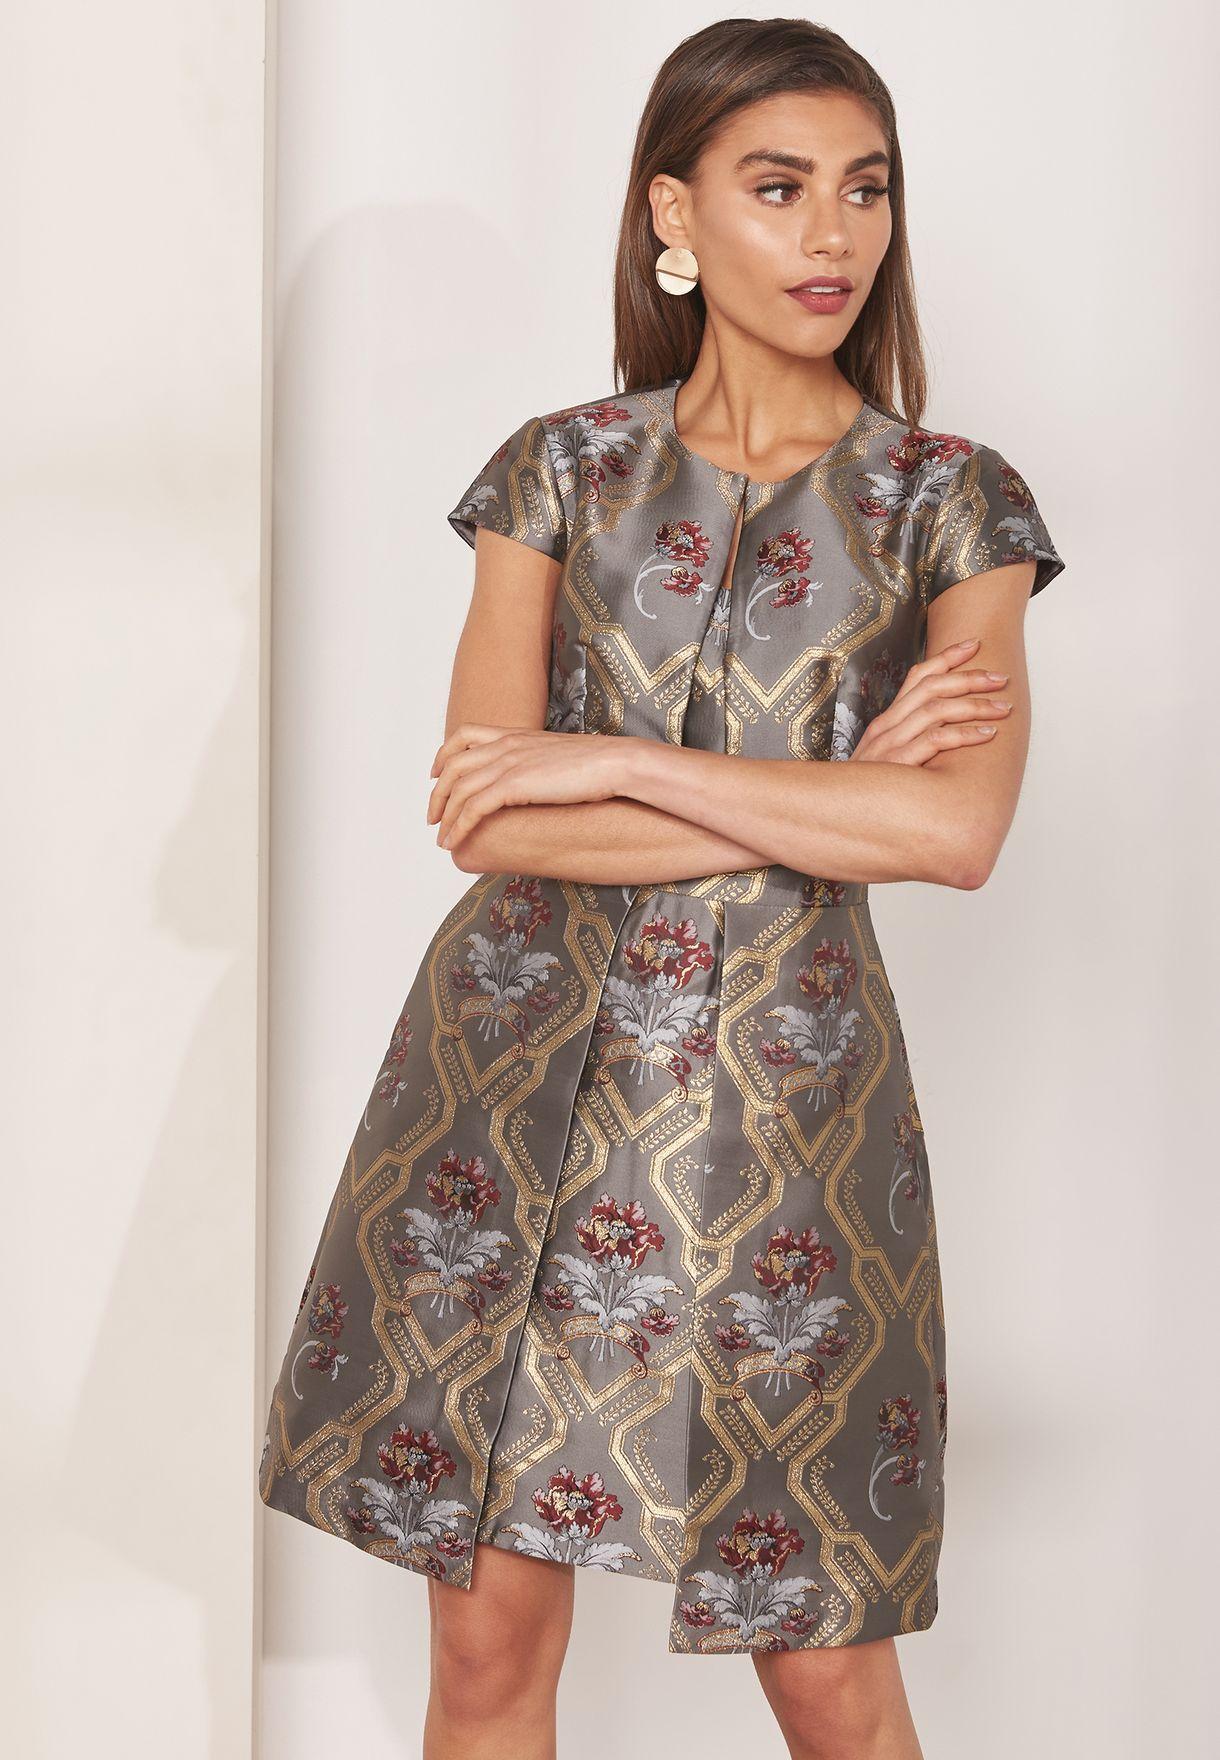 3b0dc96fa Shop Ted baker prints Kkaty Short Sleeve Skater Dress 150567 for ...